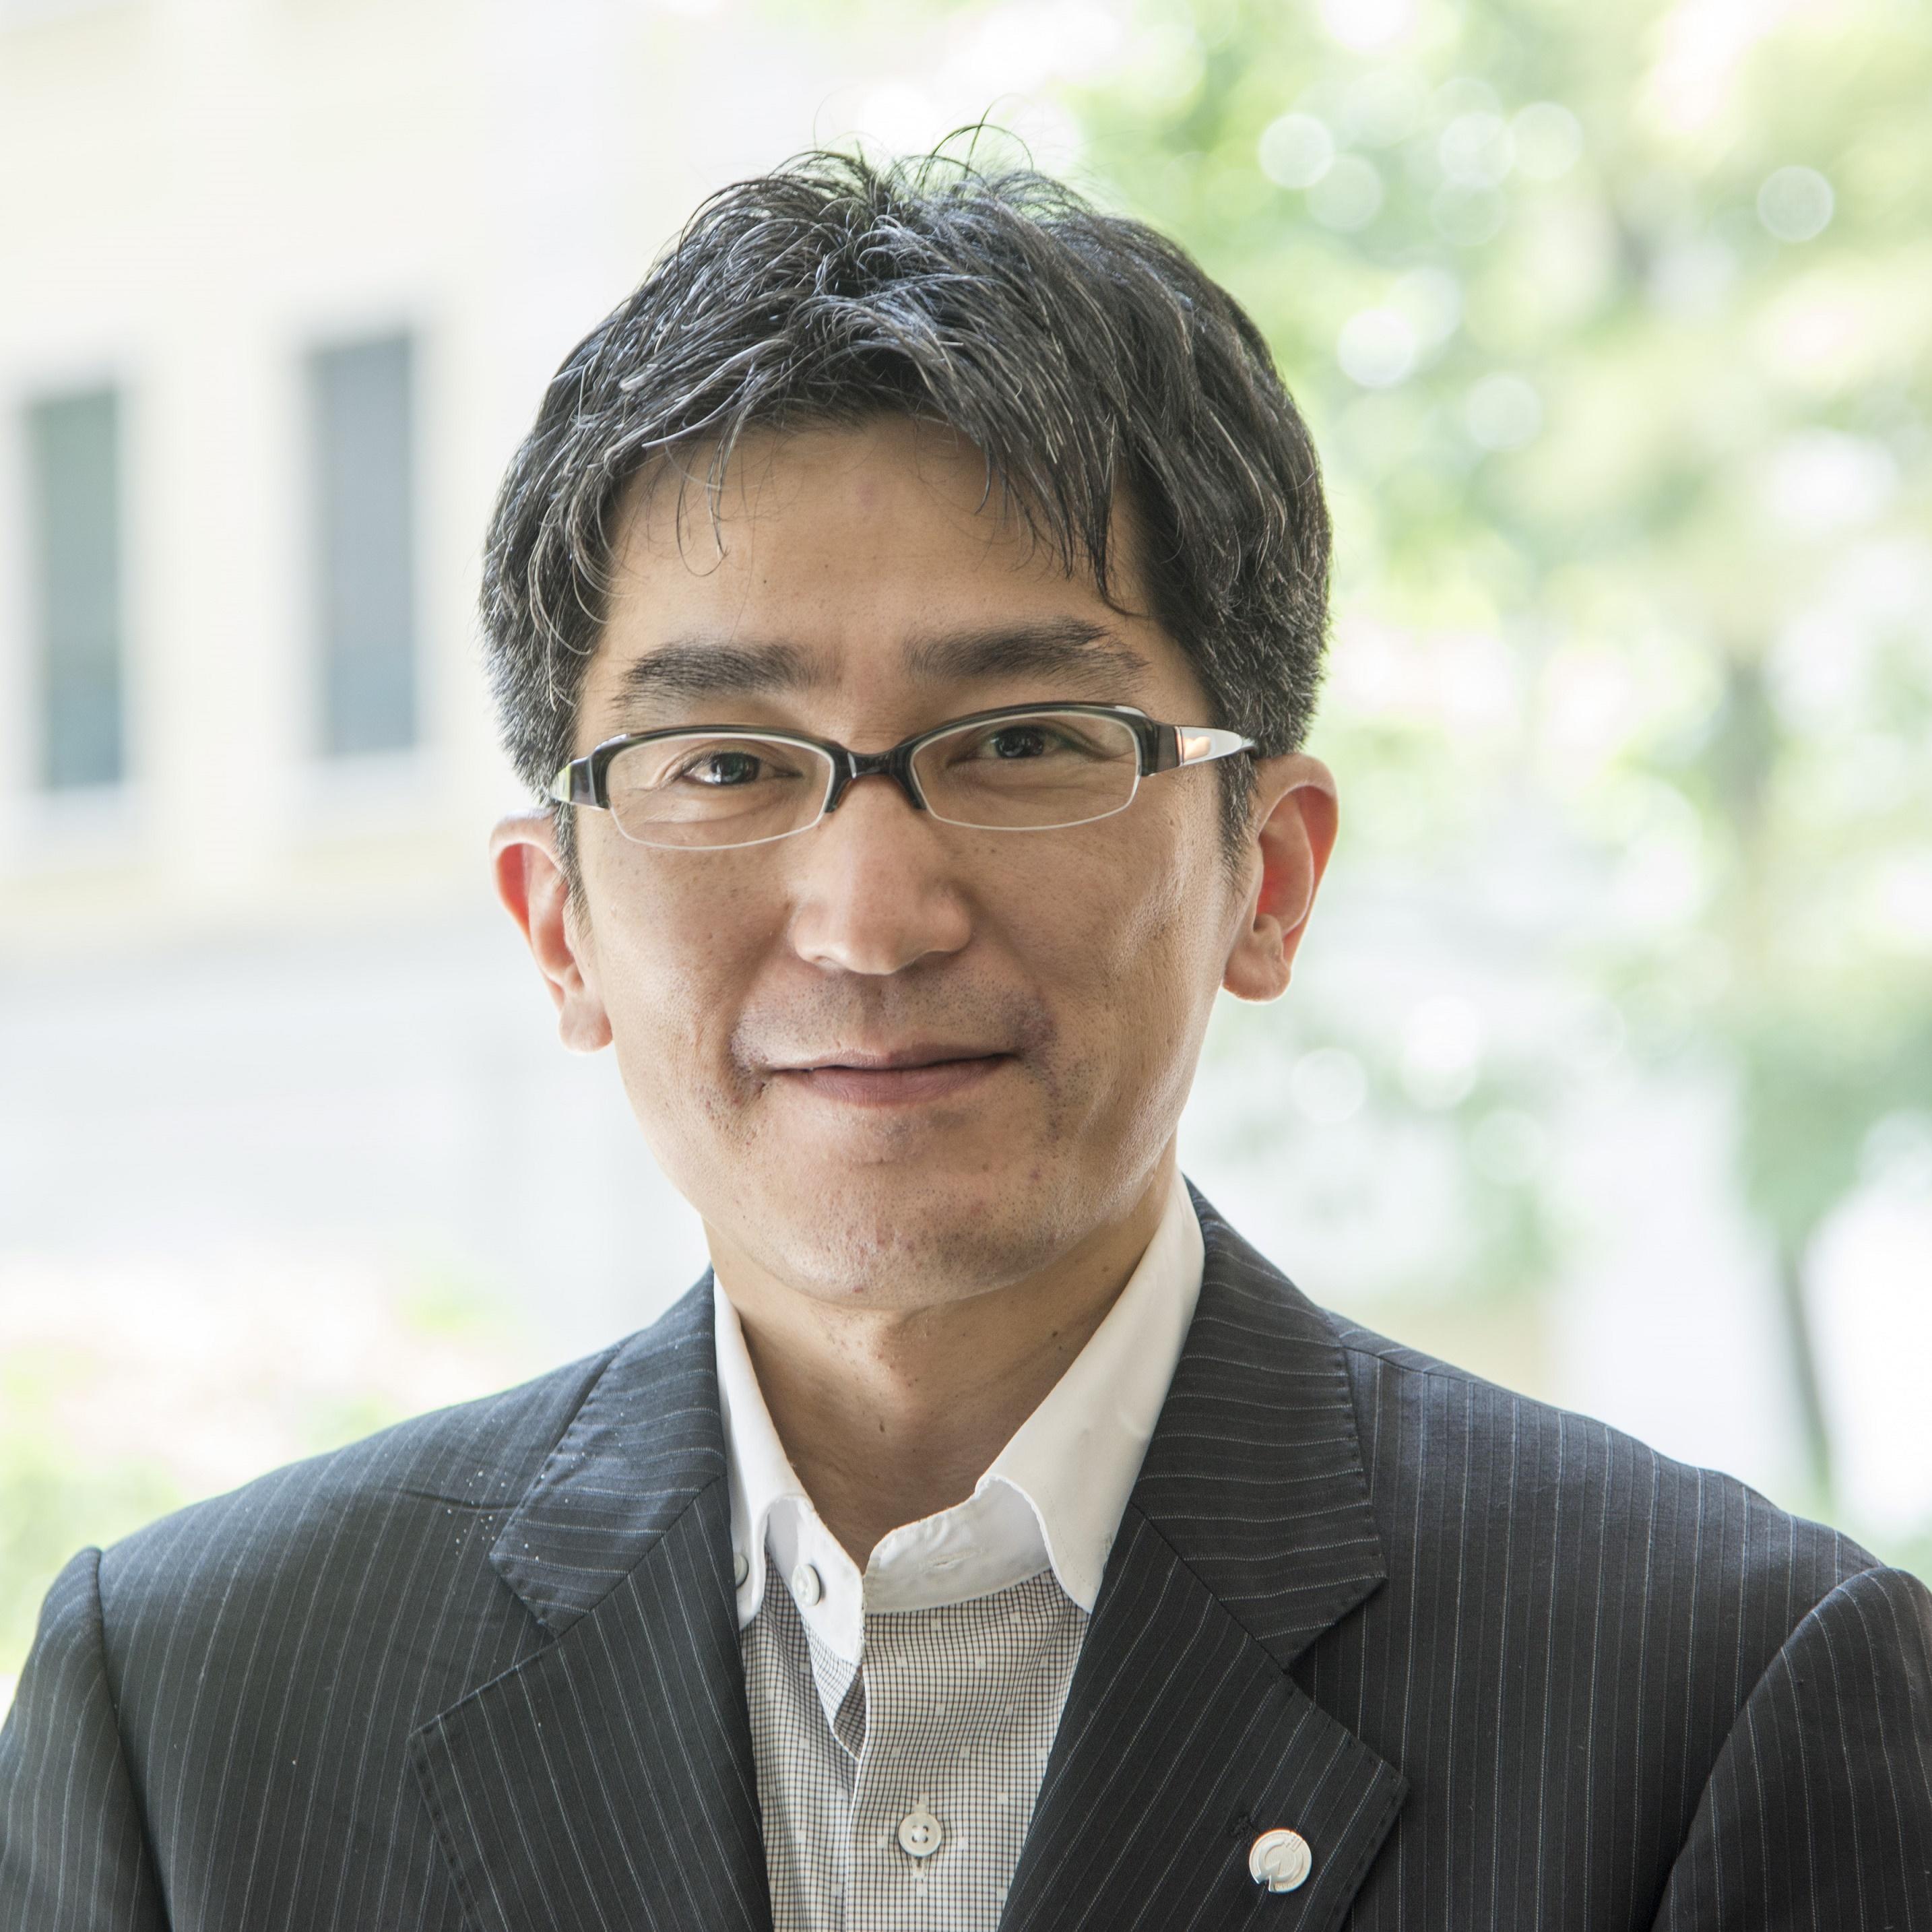 Katsuhiro Koyama